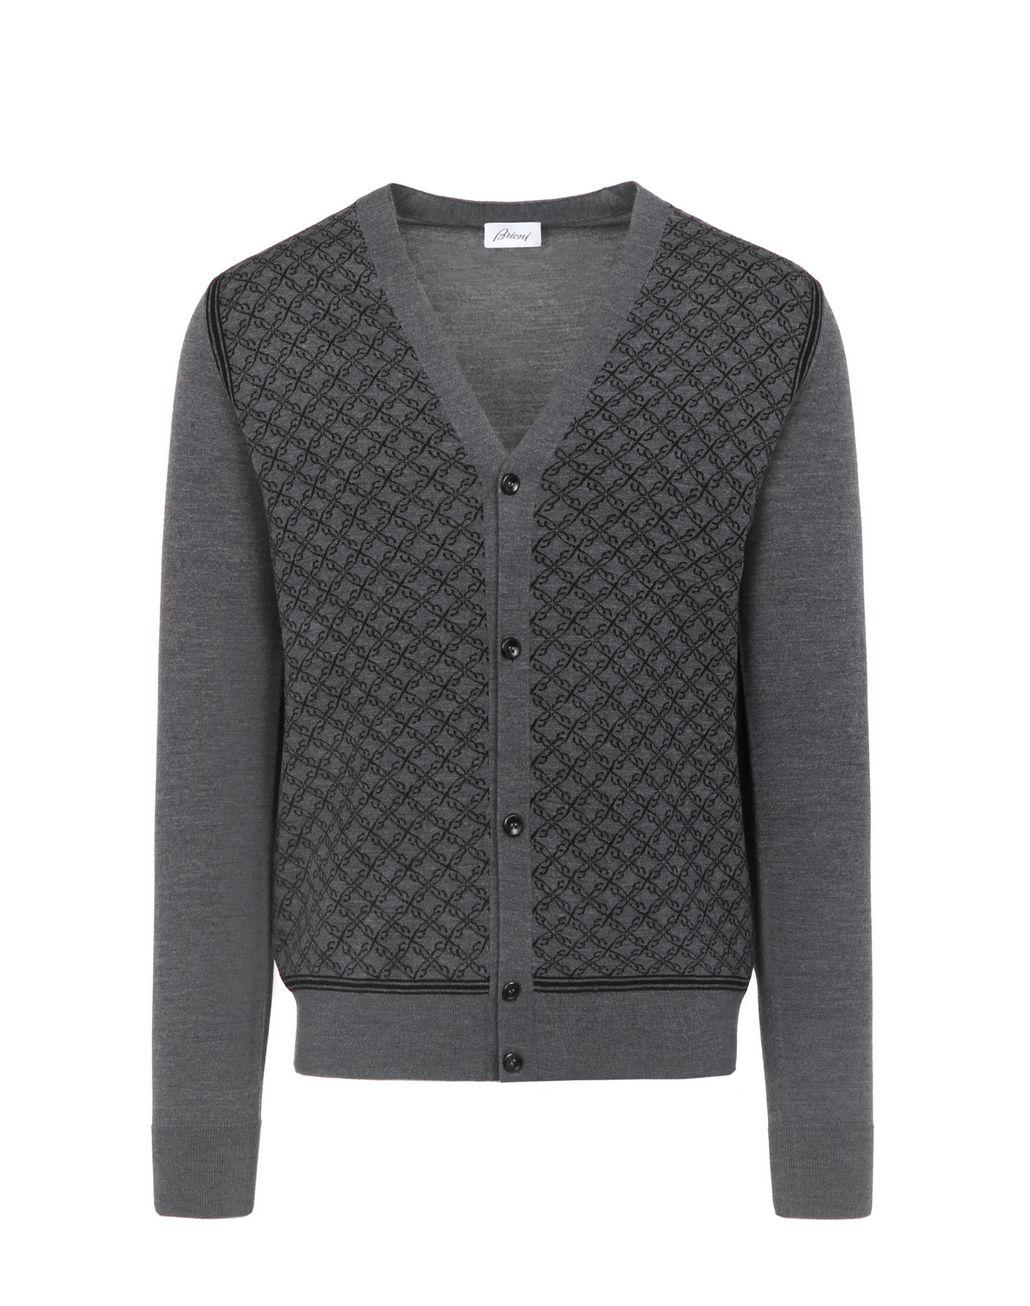 BRIONI Gray Jacquard Cardigan Knitwear Man f